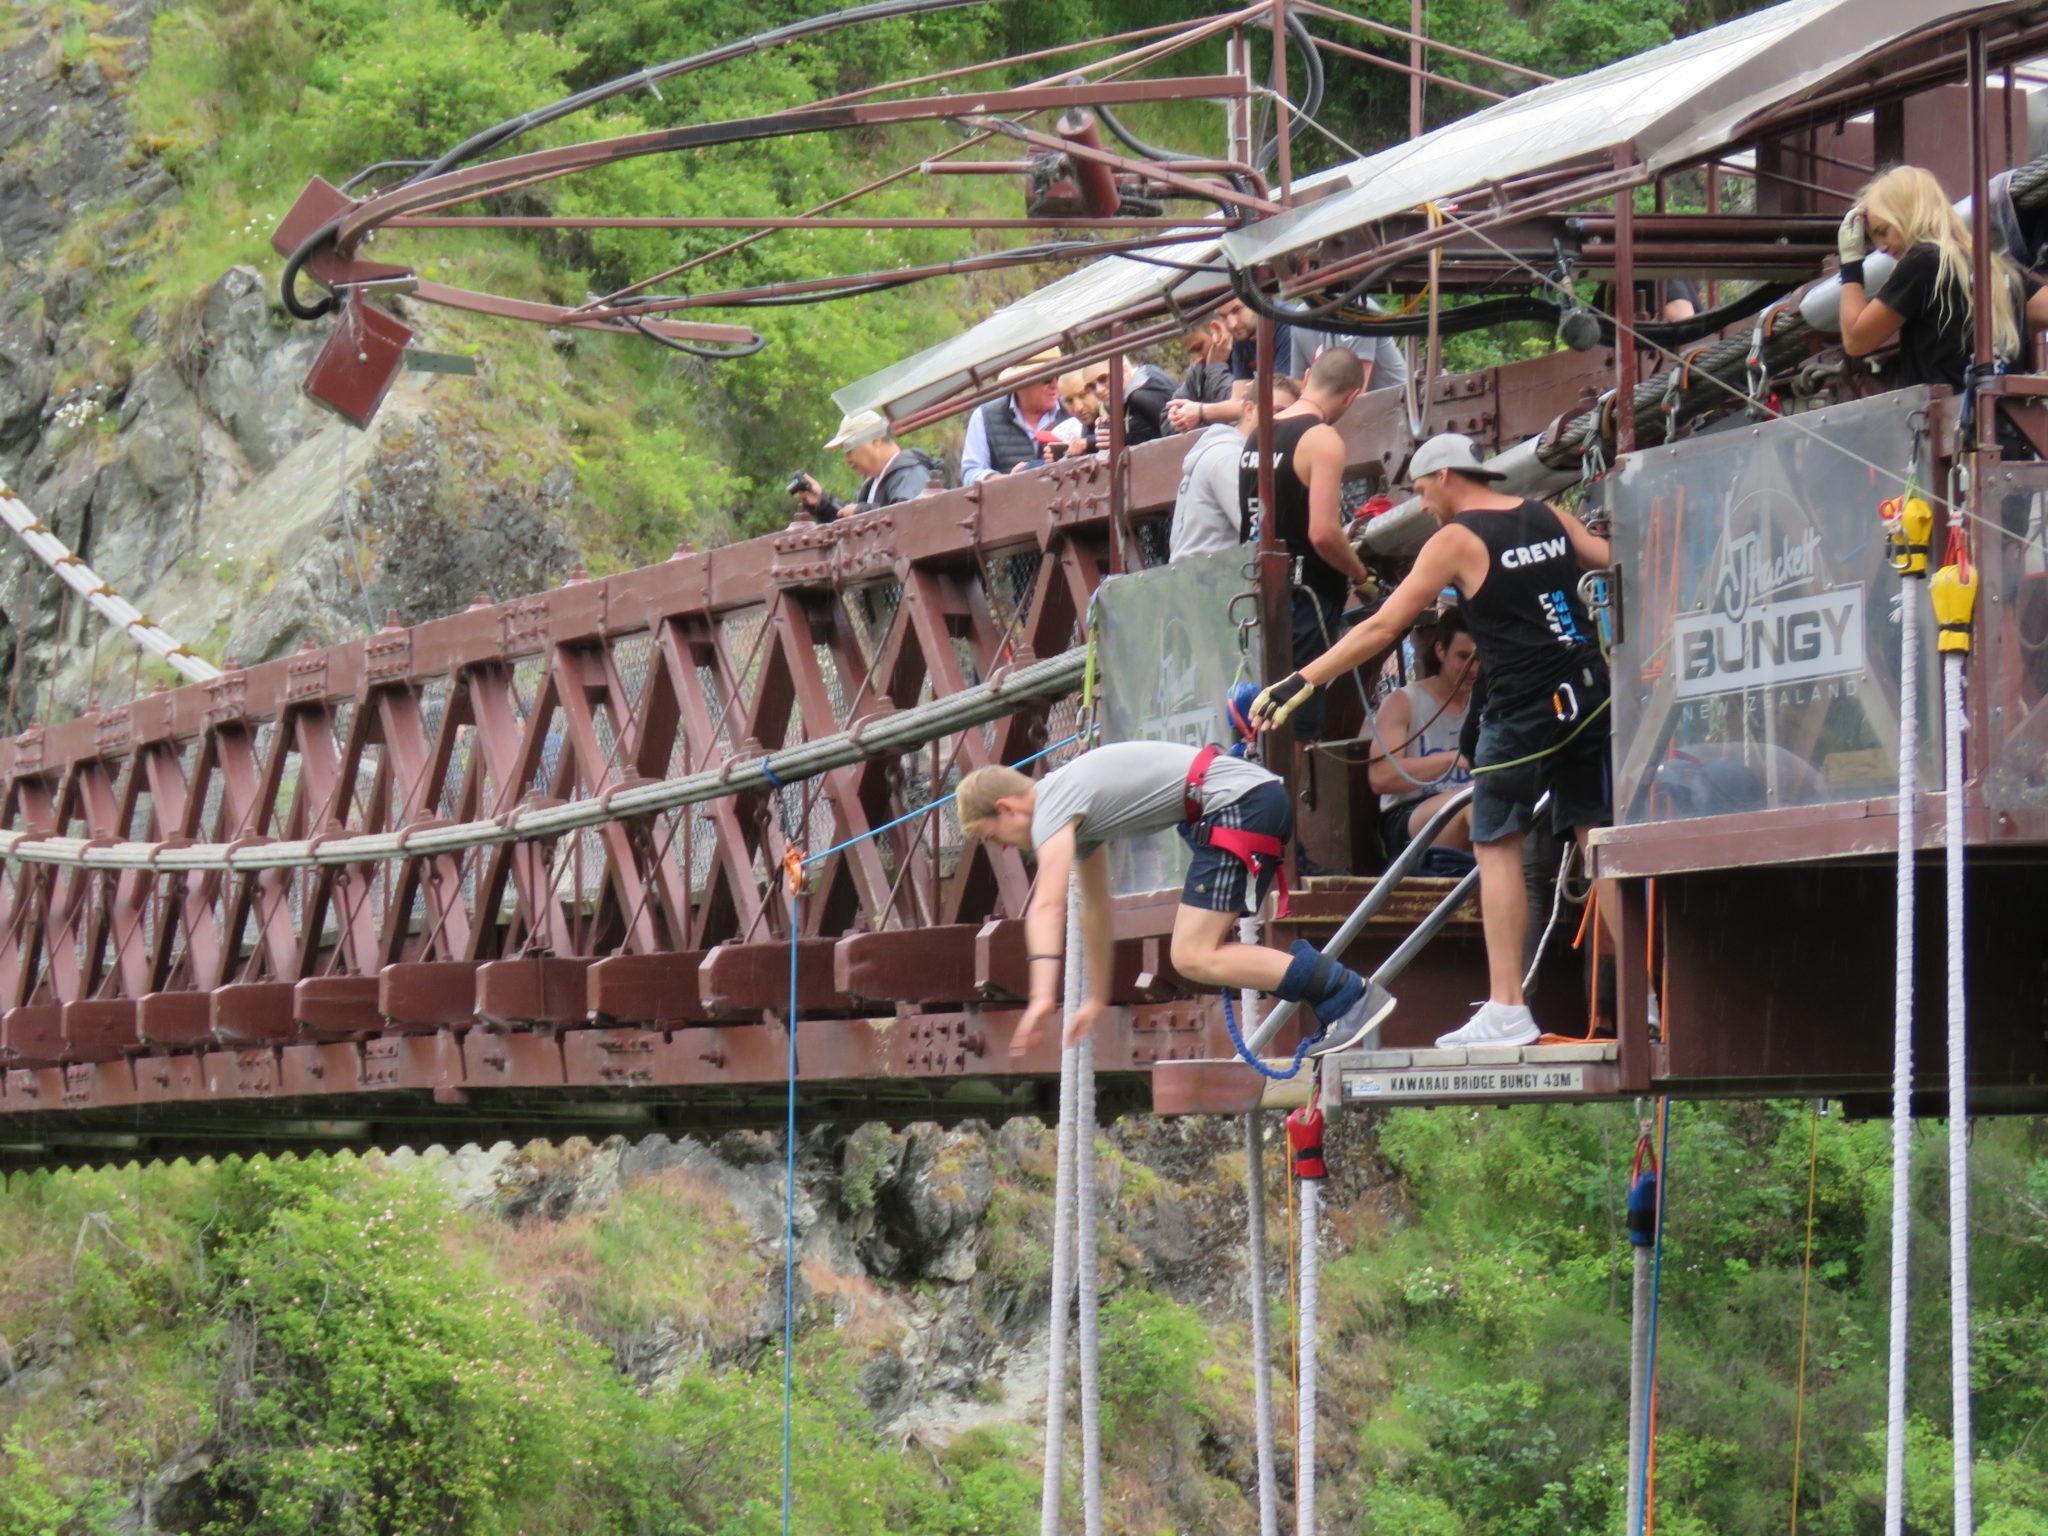 Ben Nevis Bungy Jump